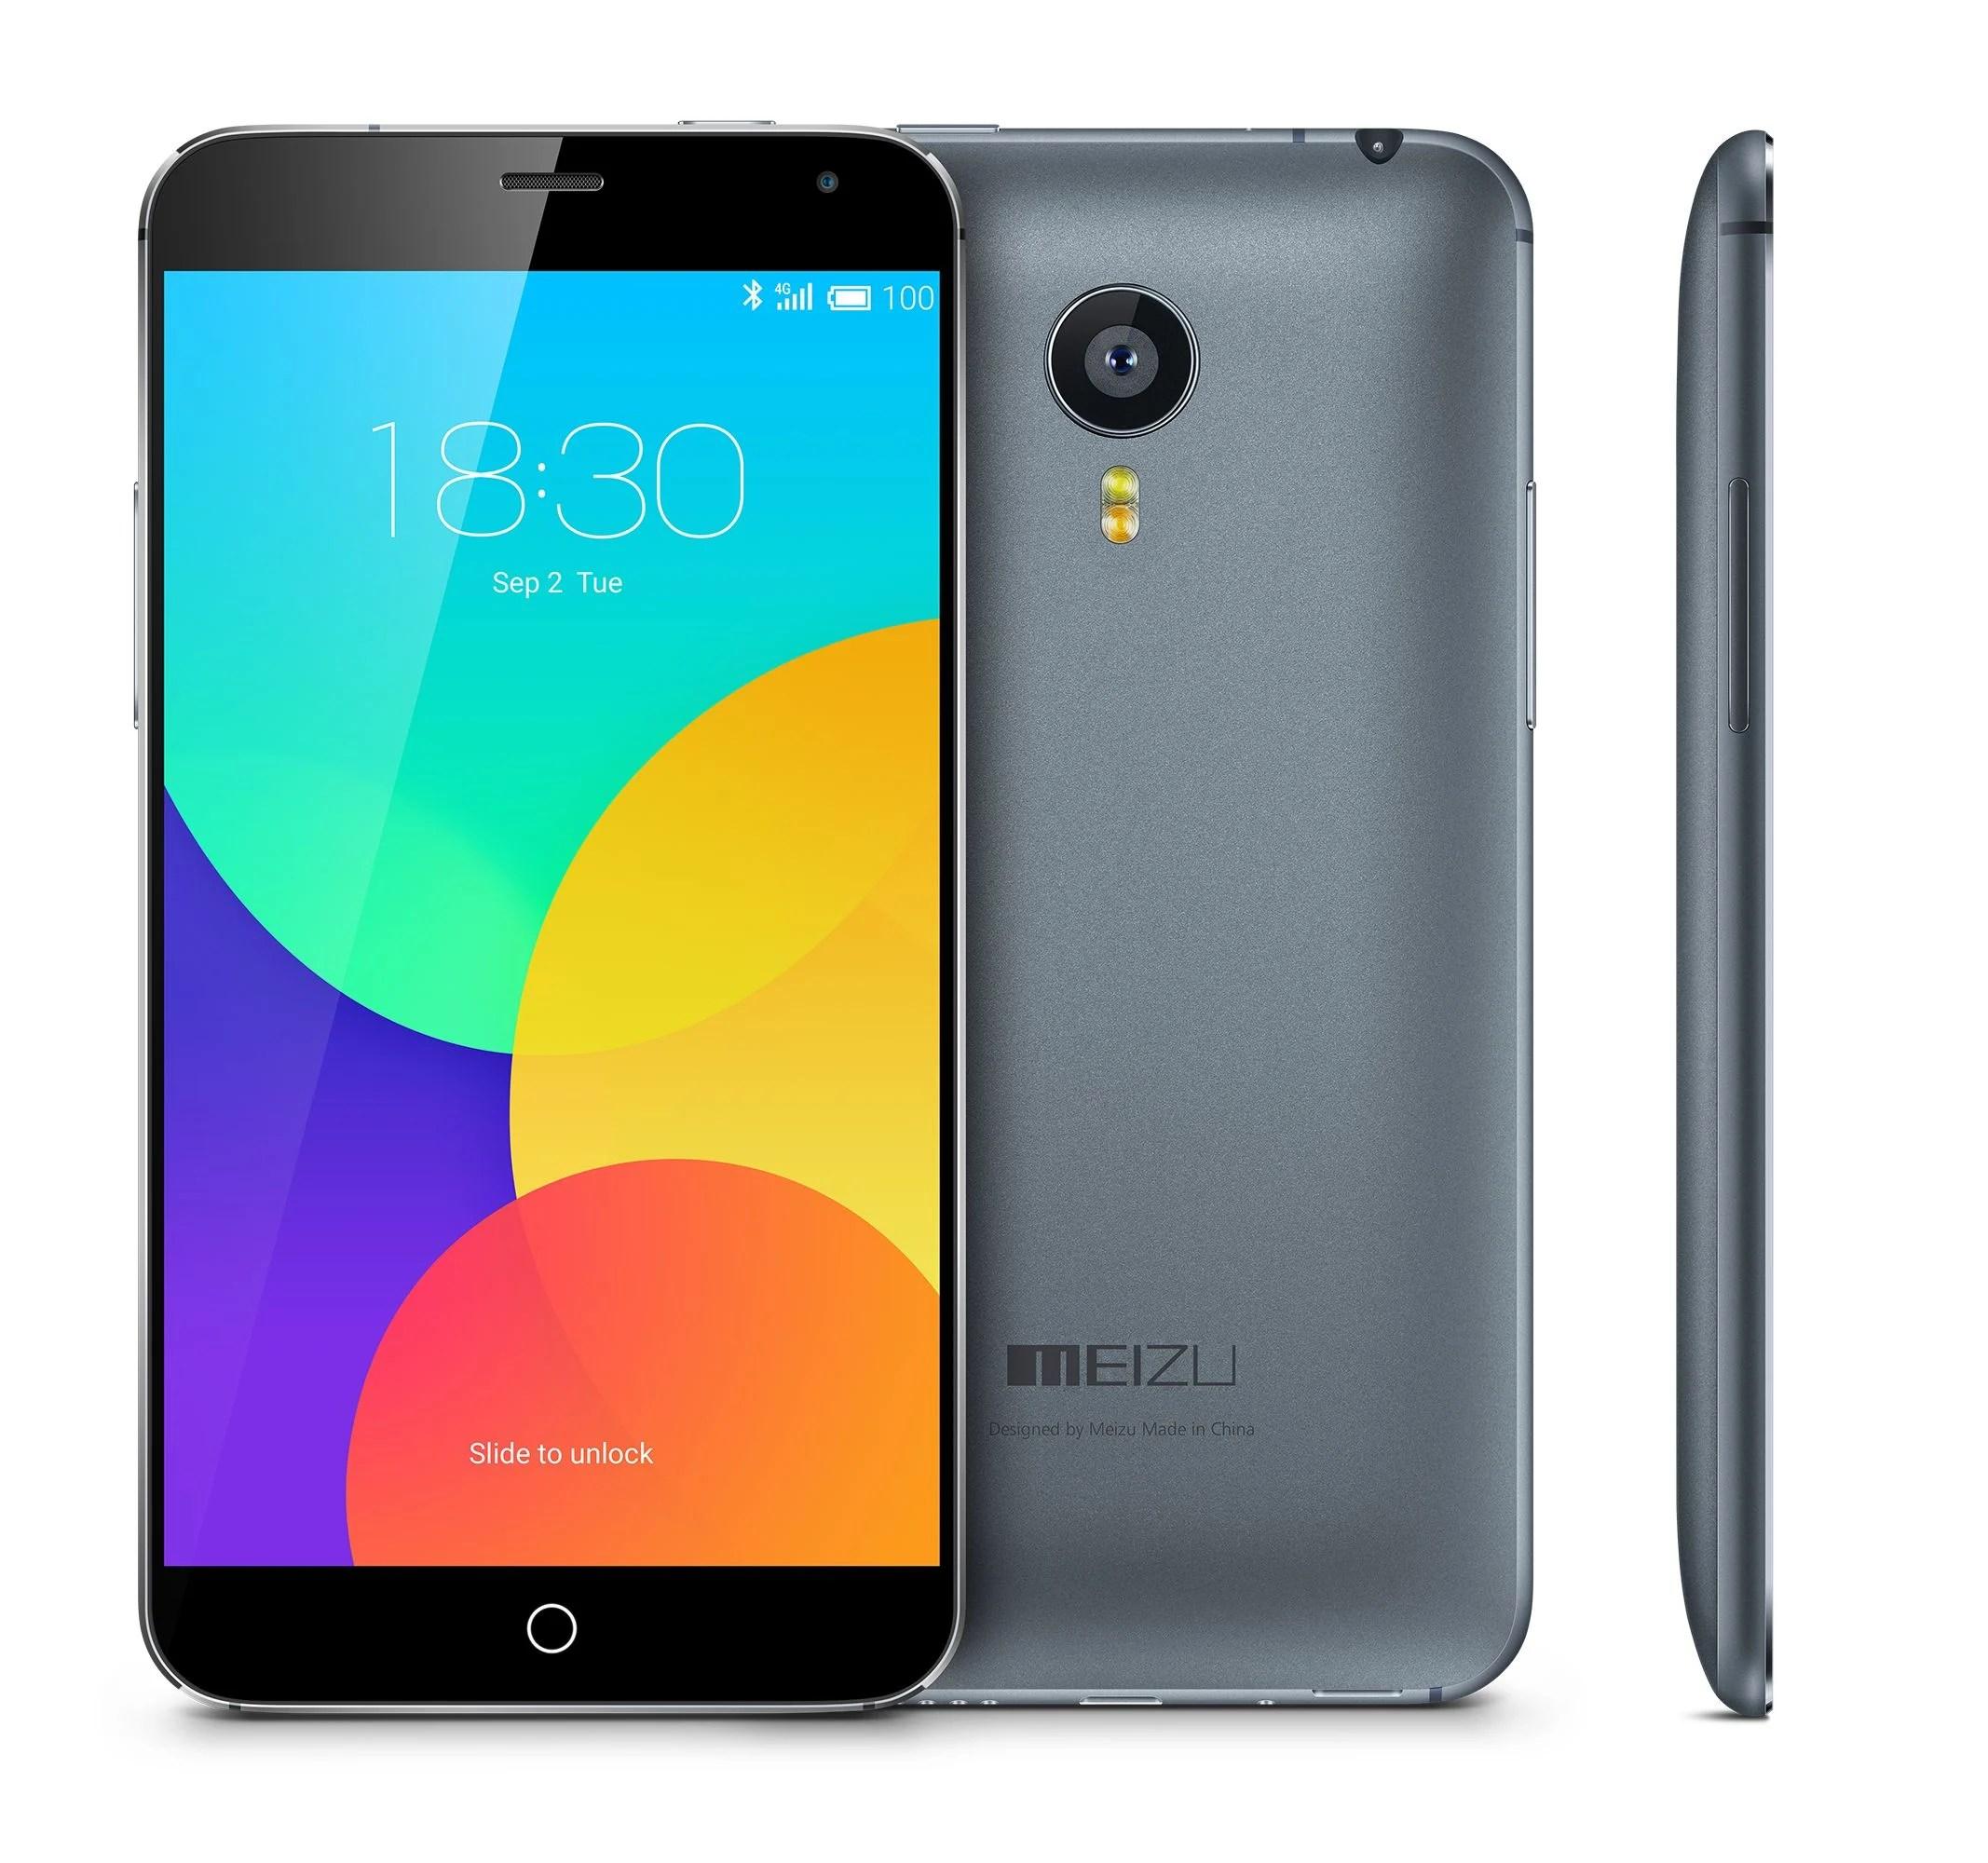 Meizu travaille bien sur Android 5.0